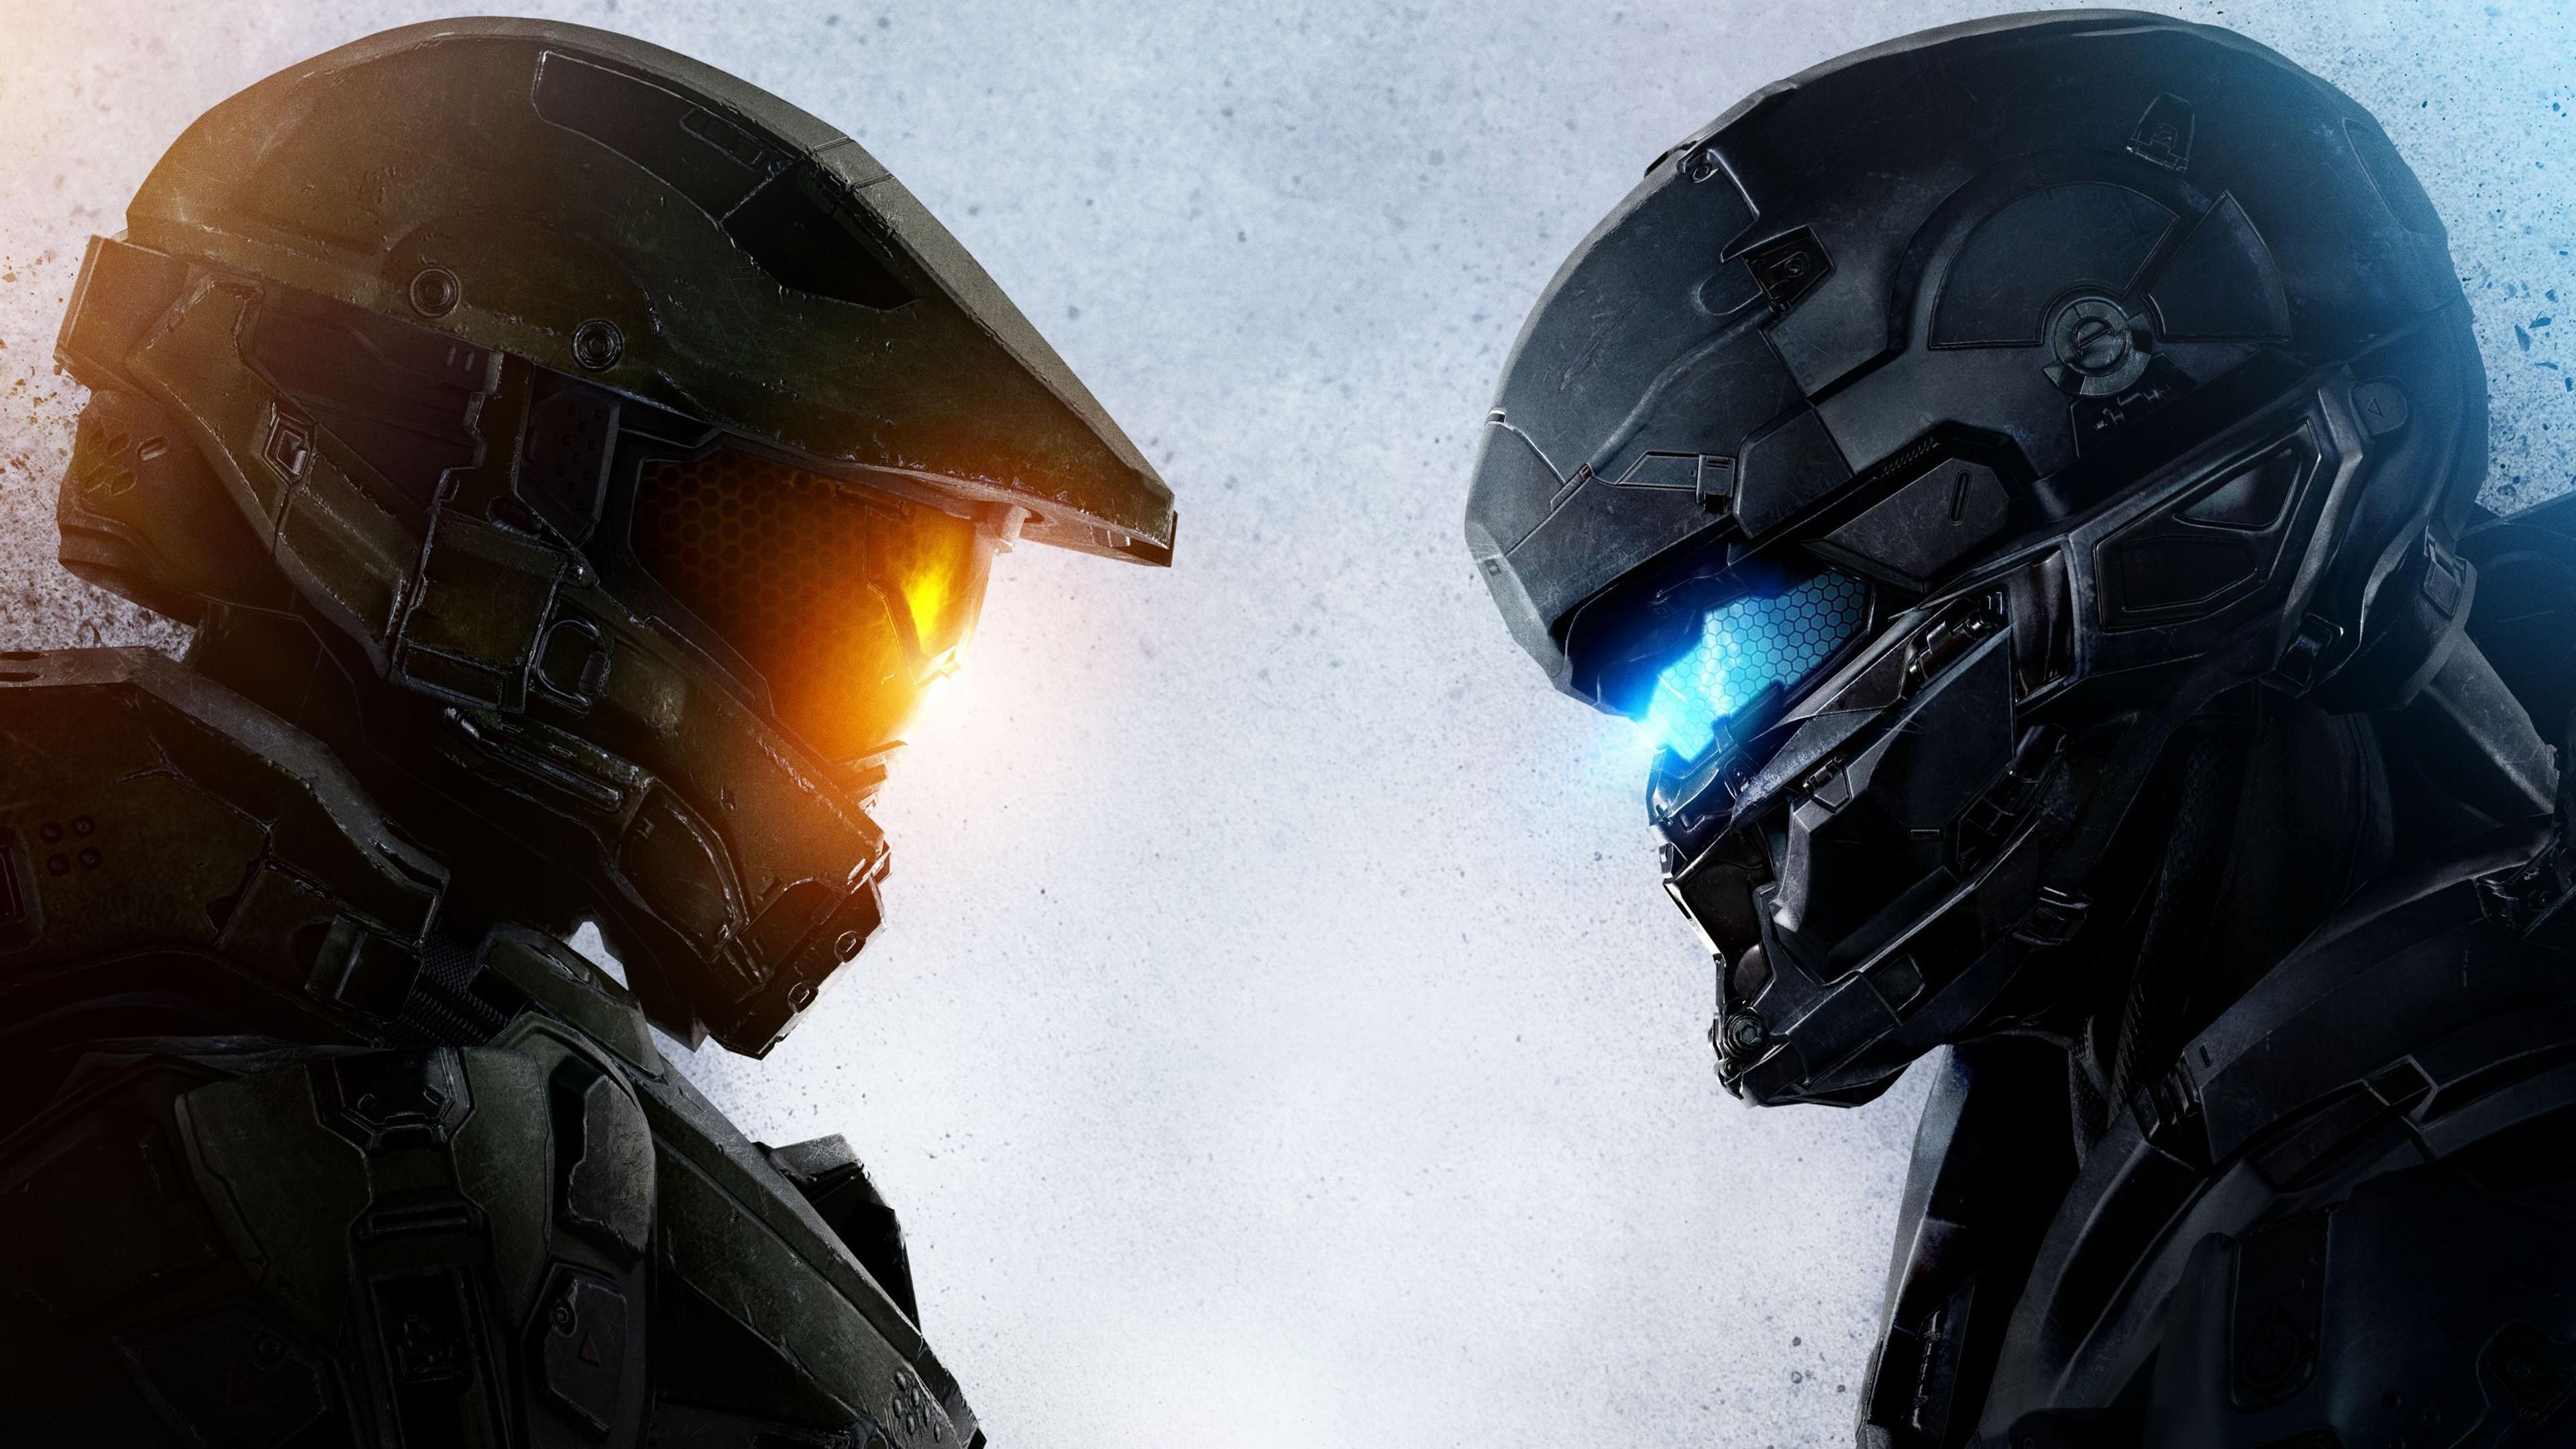 Res: 3840x2160, #Master Chief, #Halo 5, #Halo, #Spartan Locke, #Halo 5: Guardians wallpaper